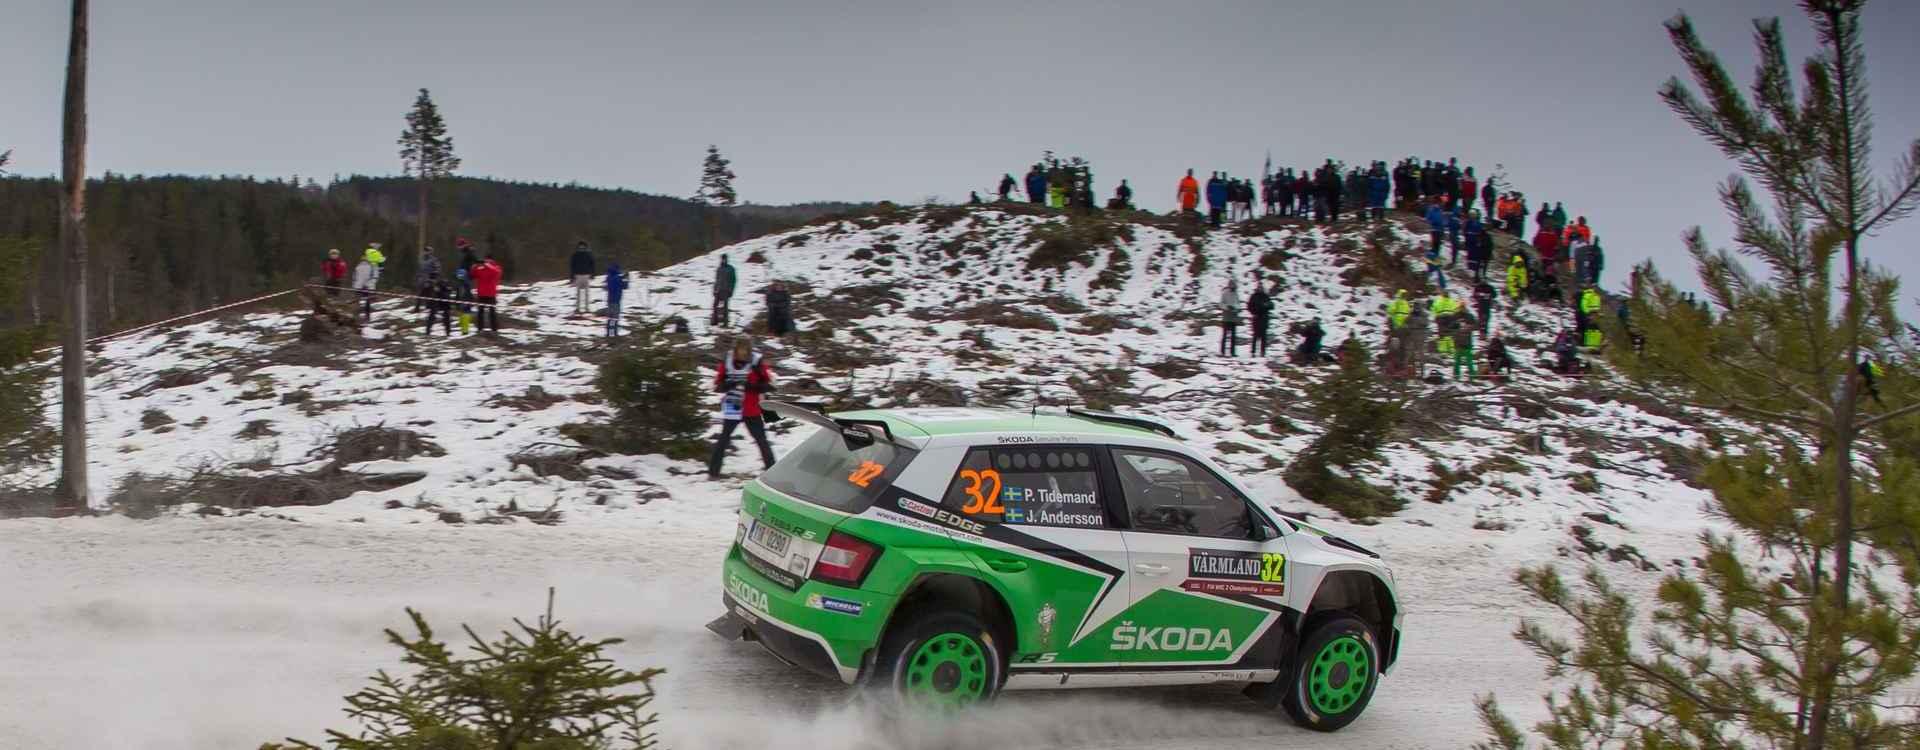 Švédská rally: Začátek nevyšel týmu ŠKODA Motorsport podle jeho představ